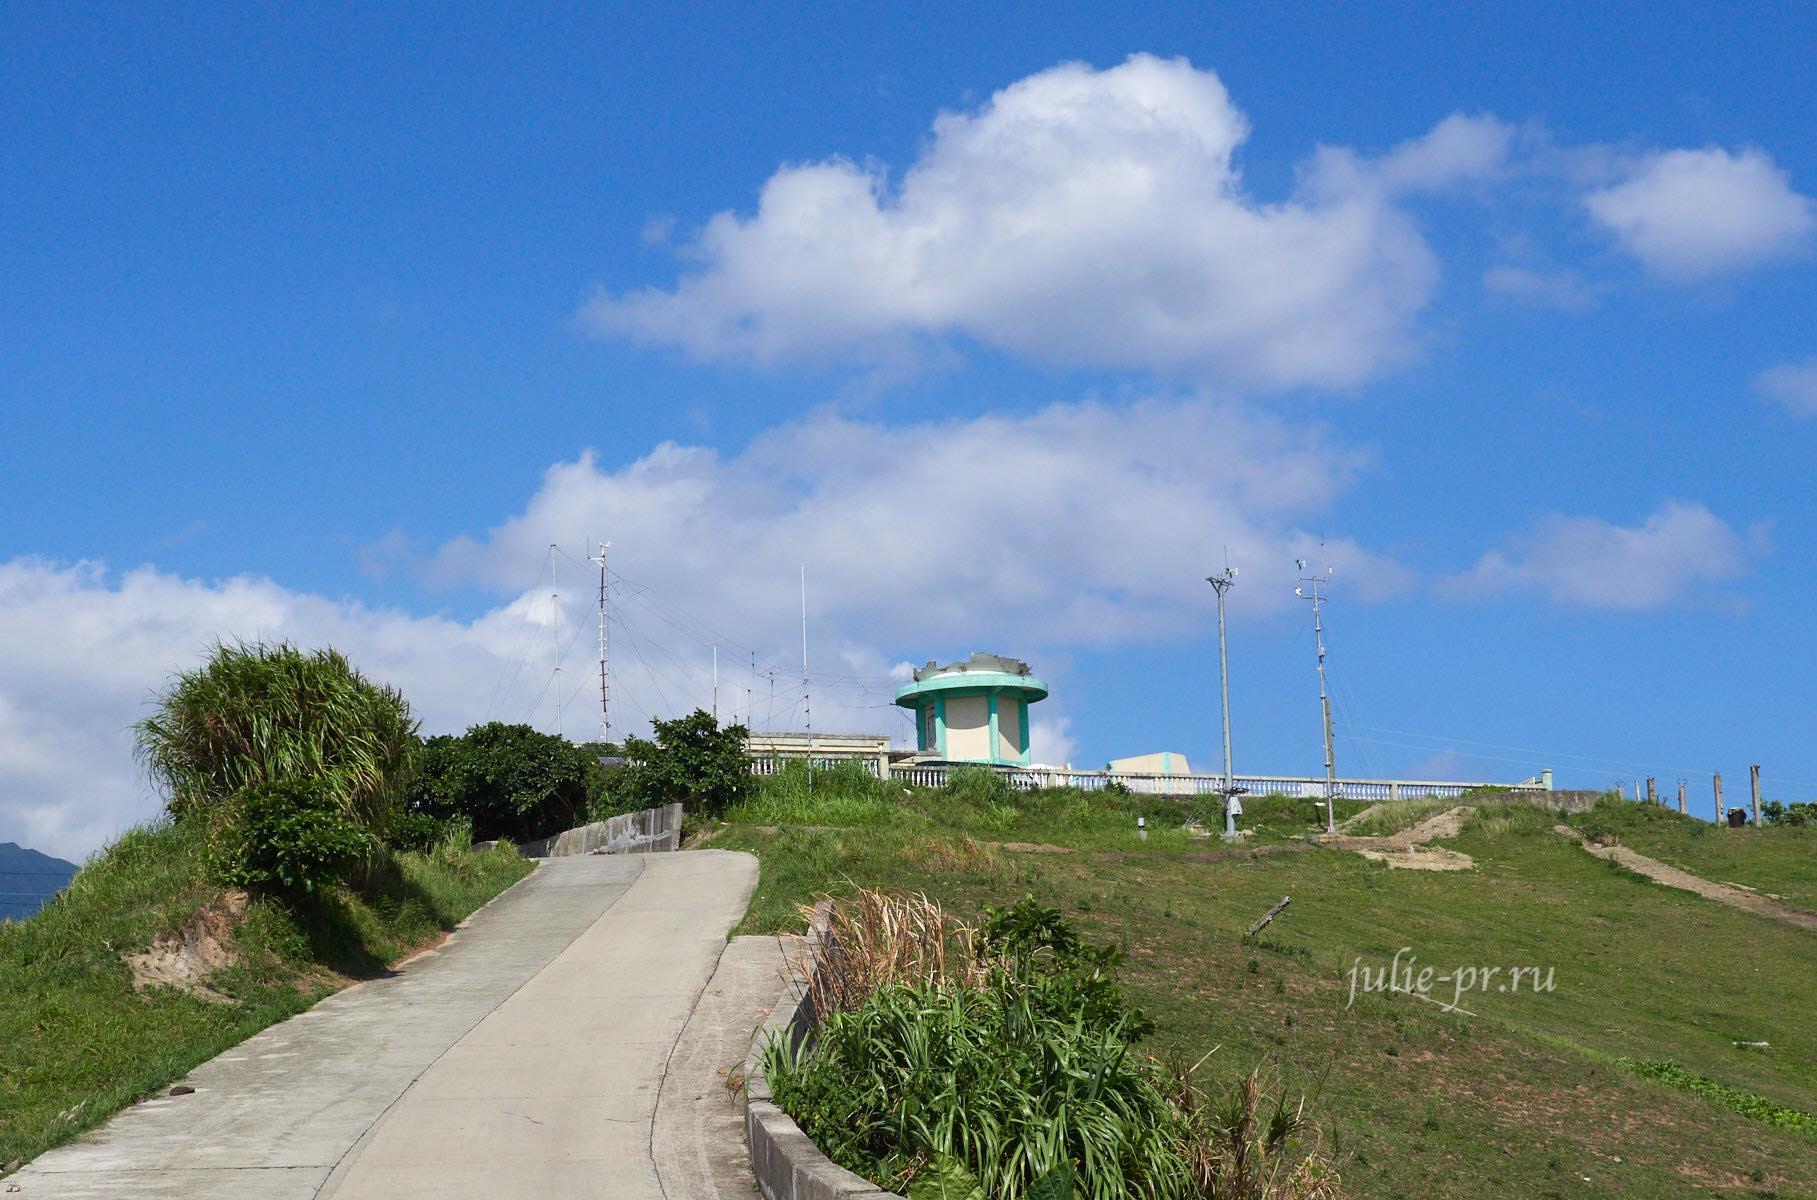 Филиппины, острова Батанес, PAGASA Radar Station